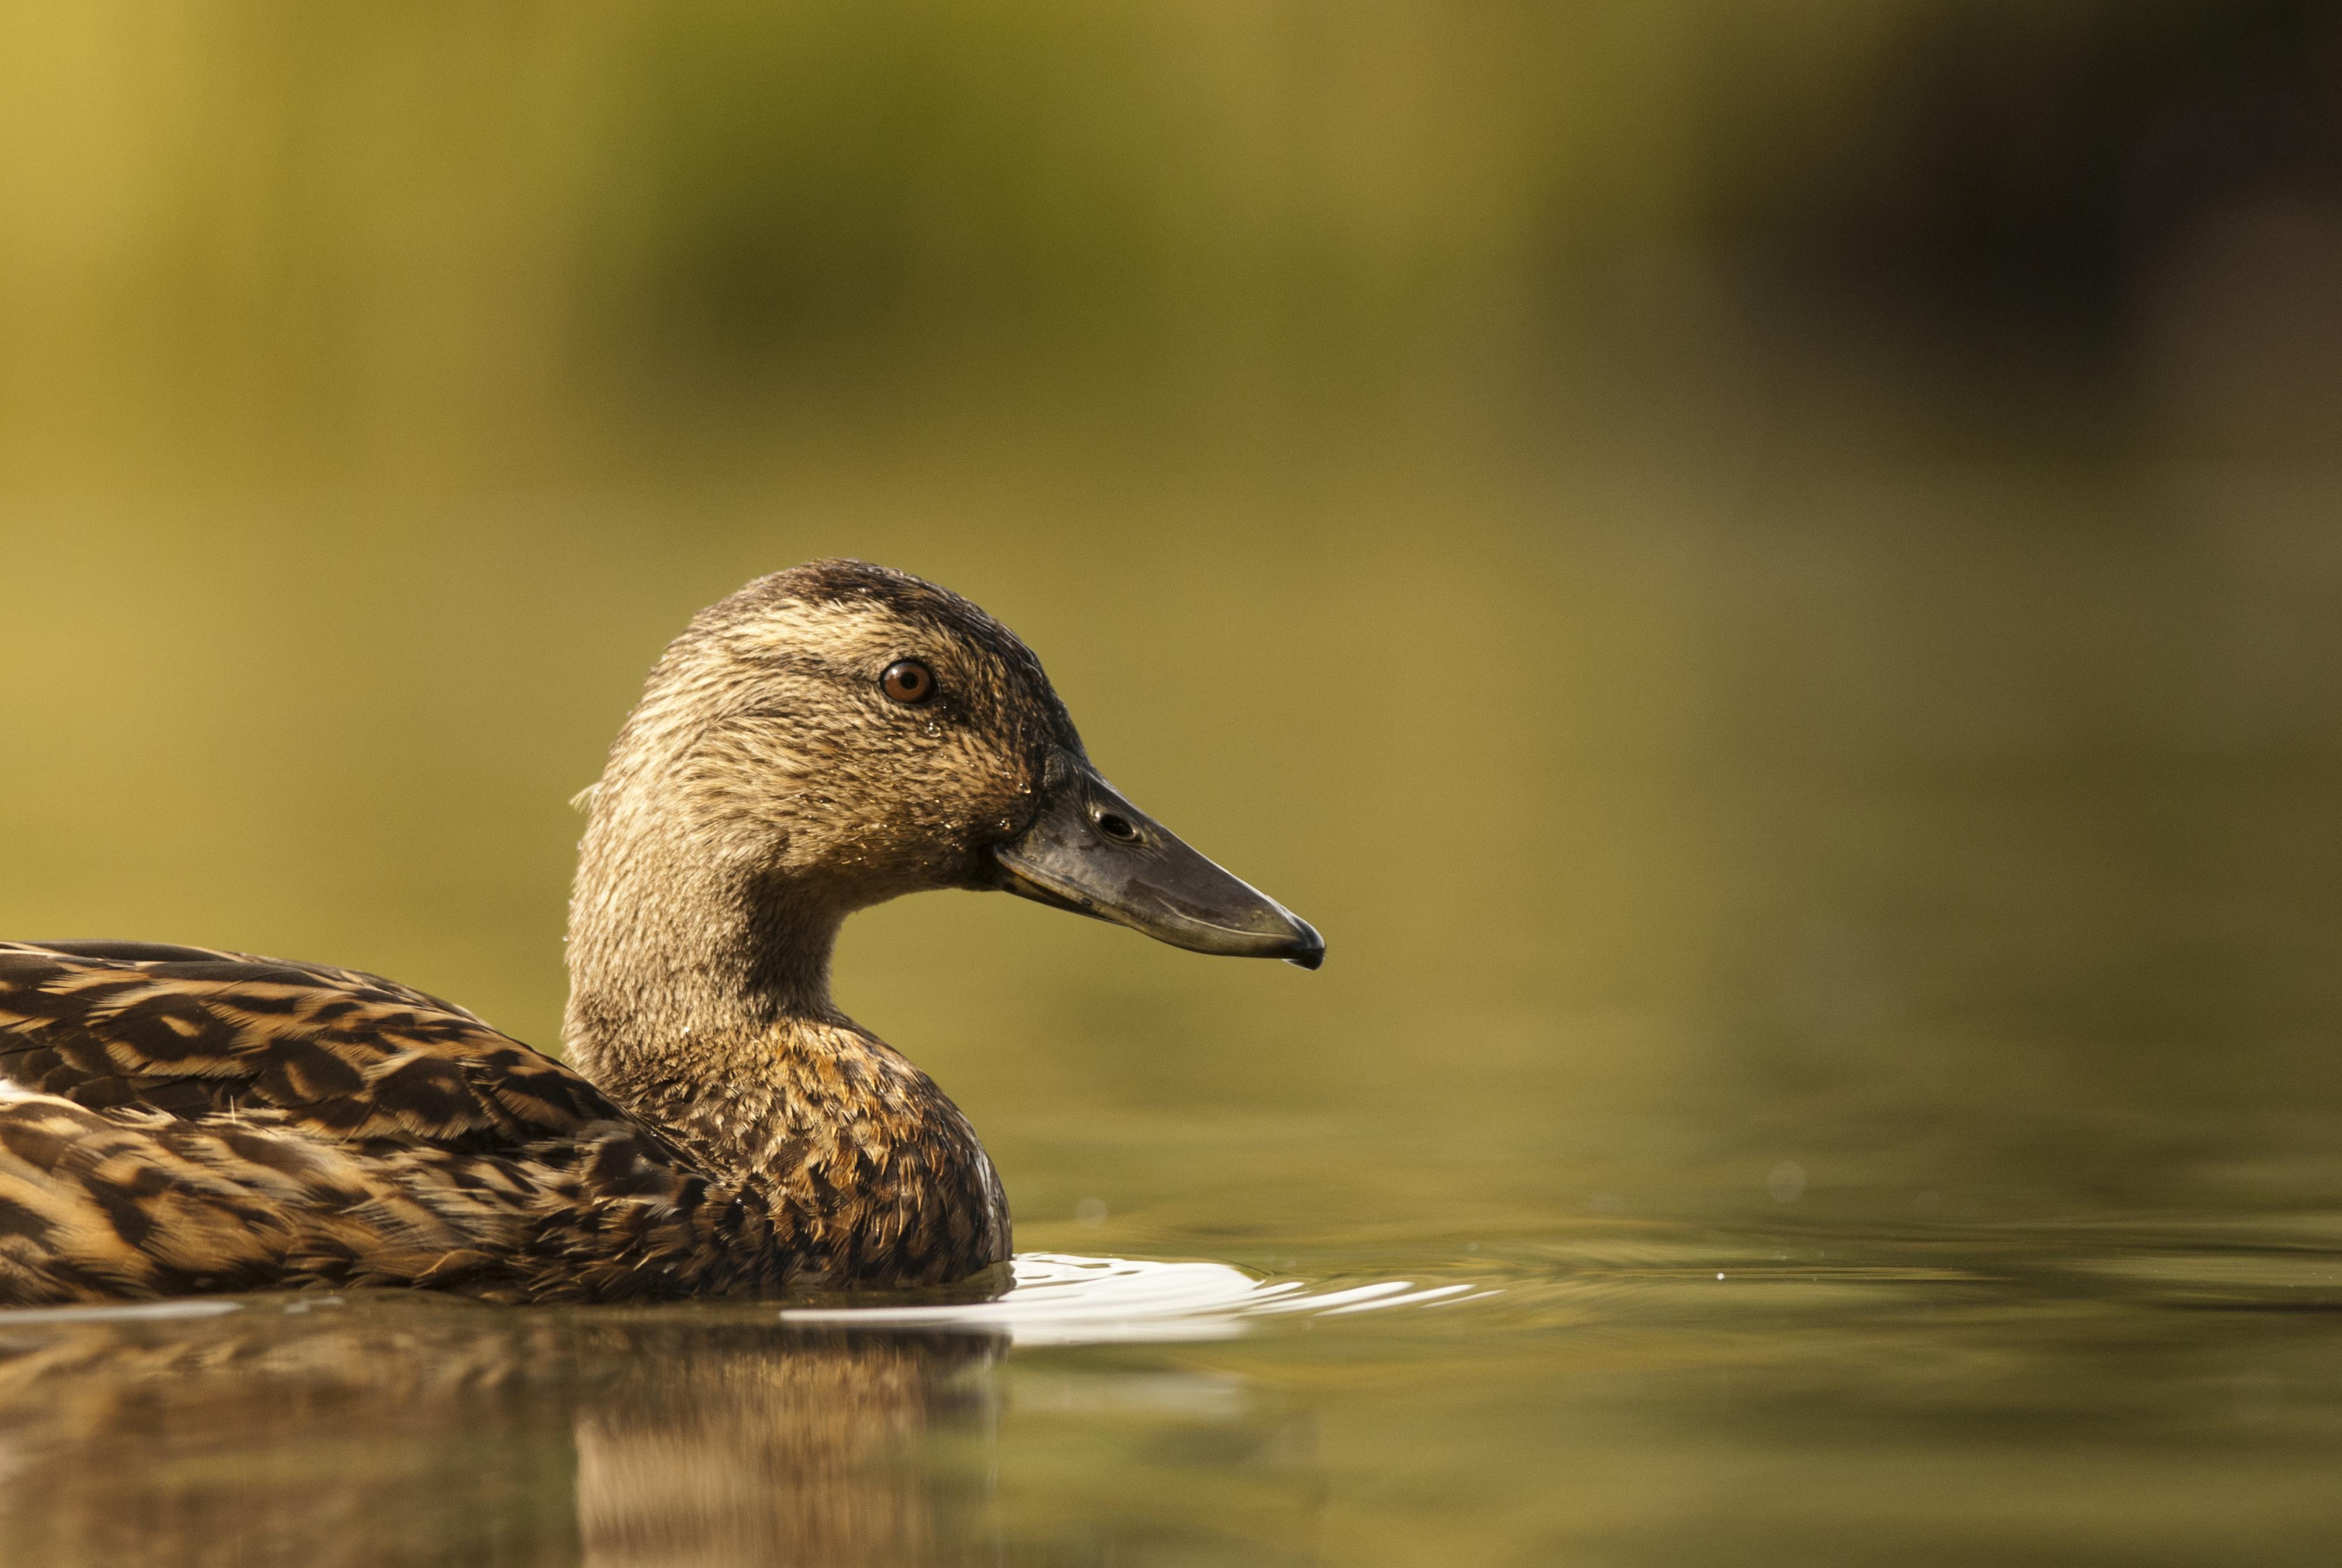 Duck in an urban park